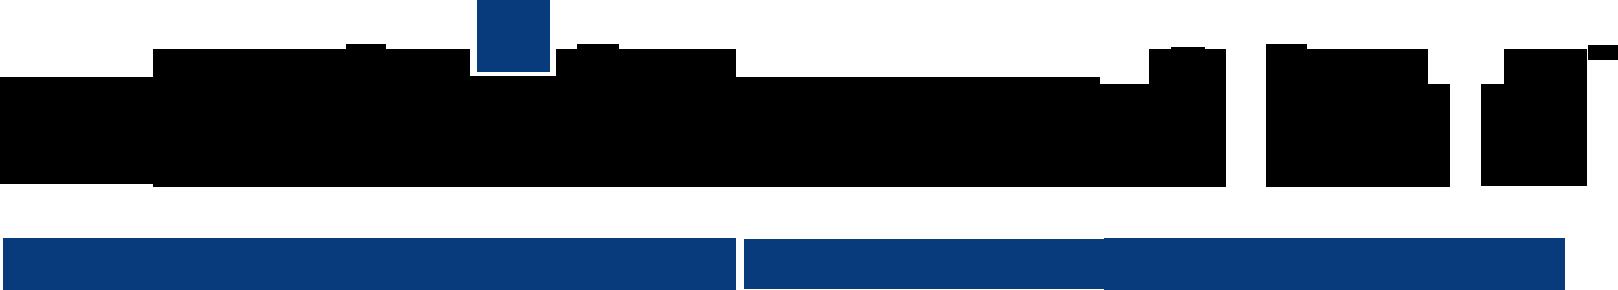 MobileMatics logo